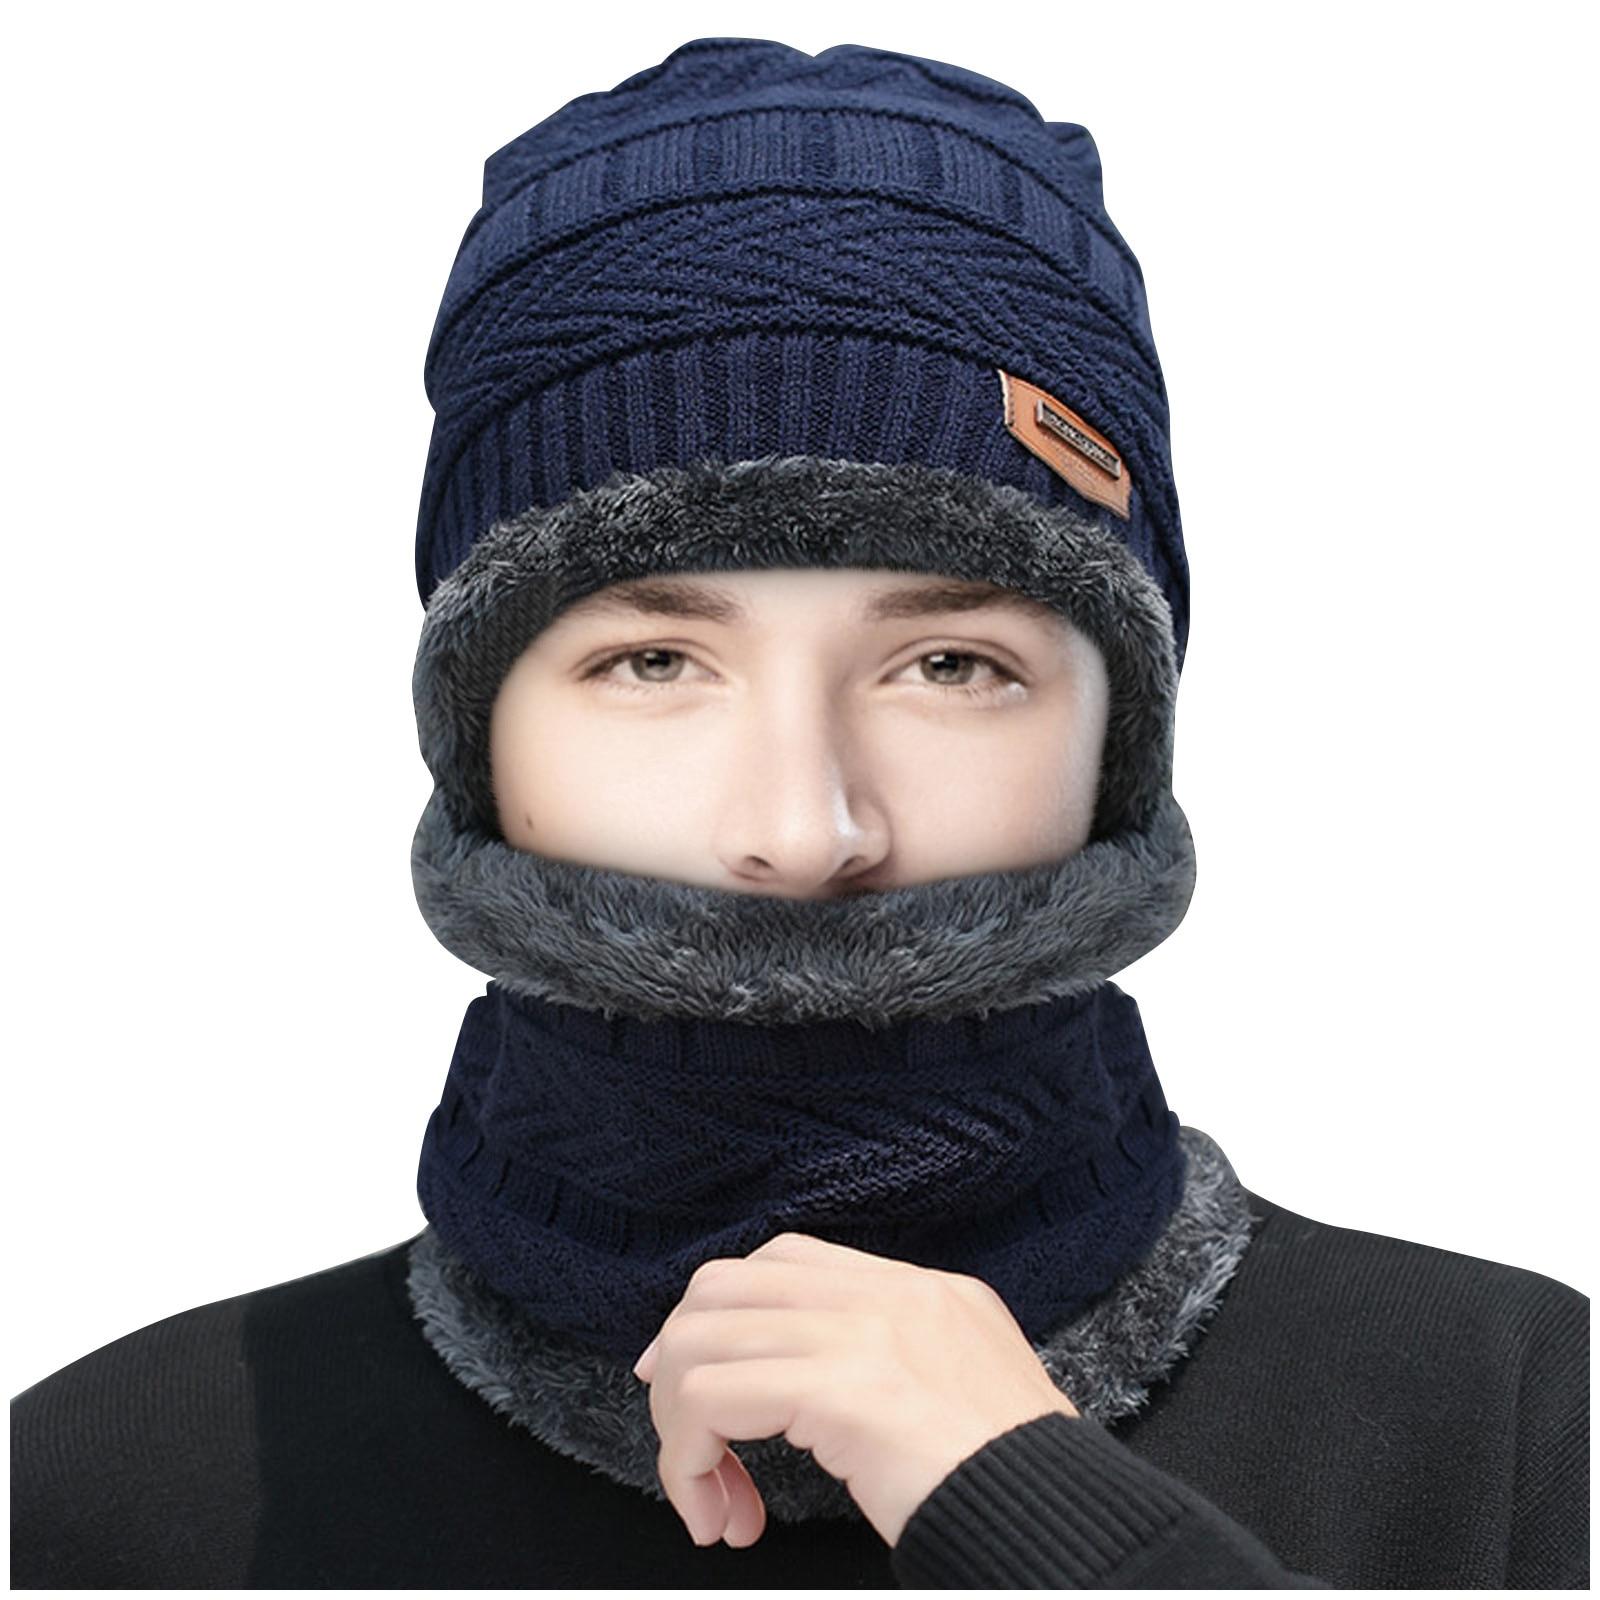 Gorro con bufanda para hombre y mujer de conjunto de ubicación gorra......